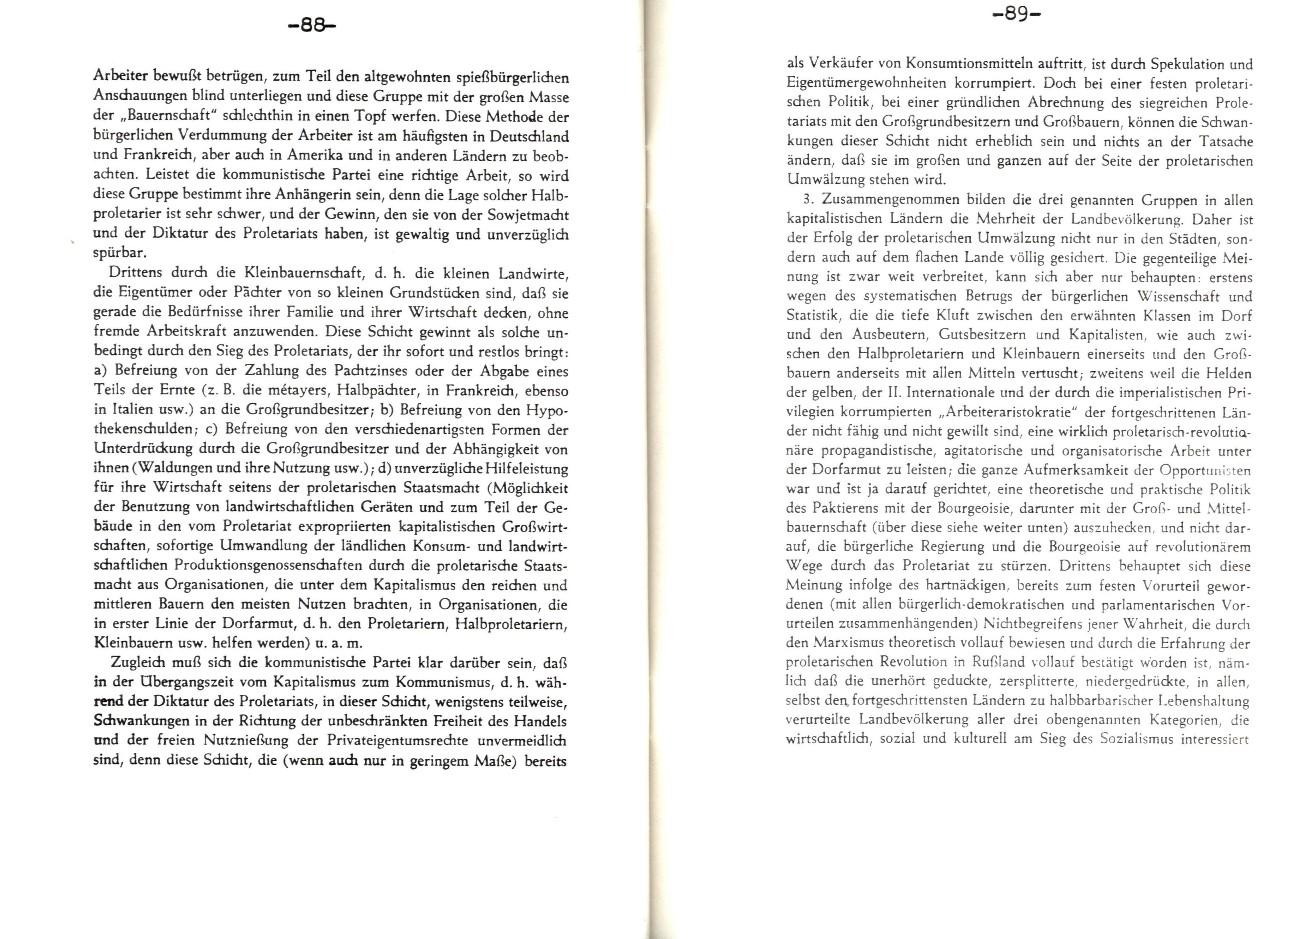 MLSK_Theorie_und_Praxis_des_ML_1978_23_48